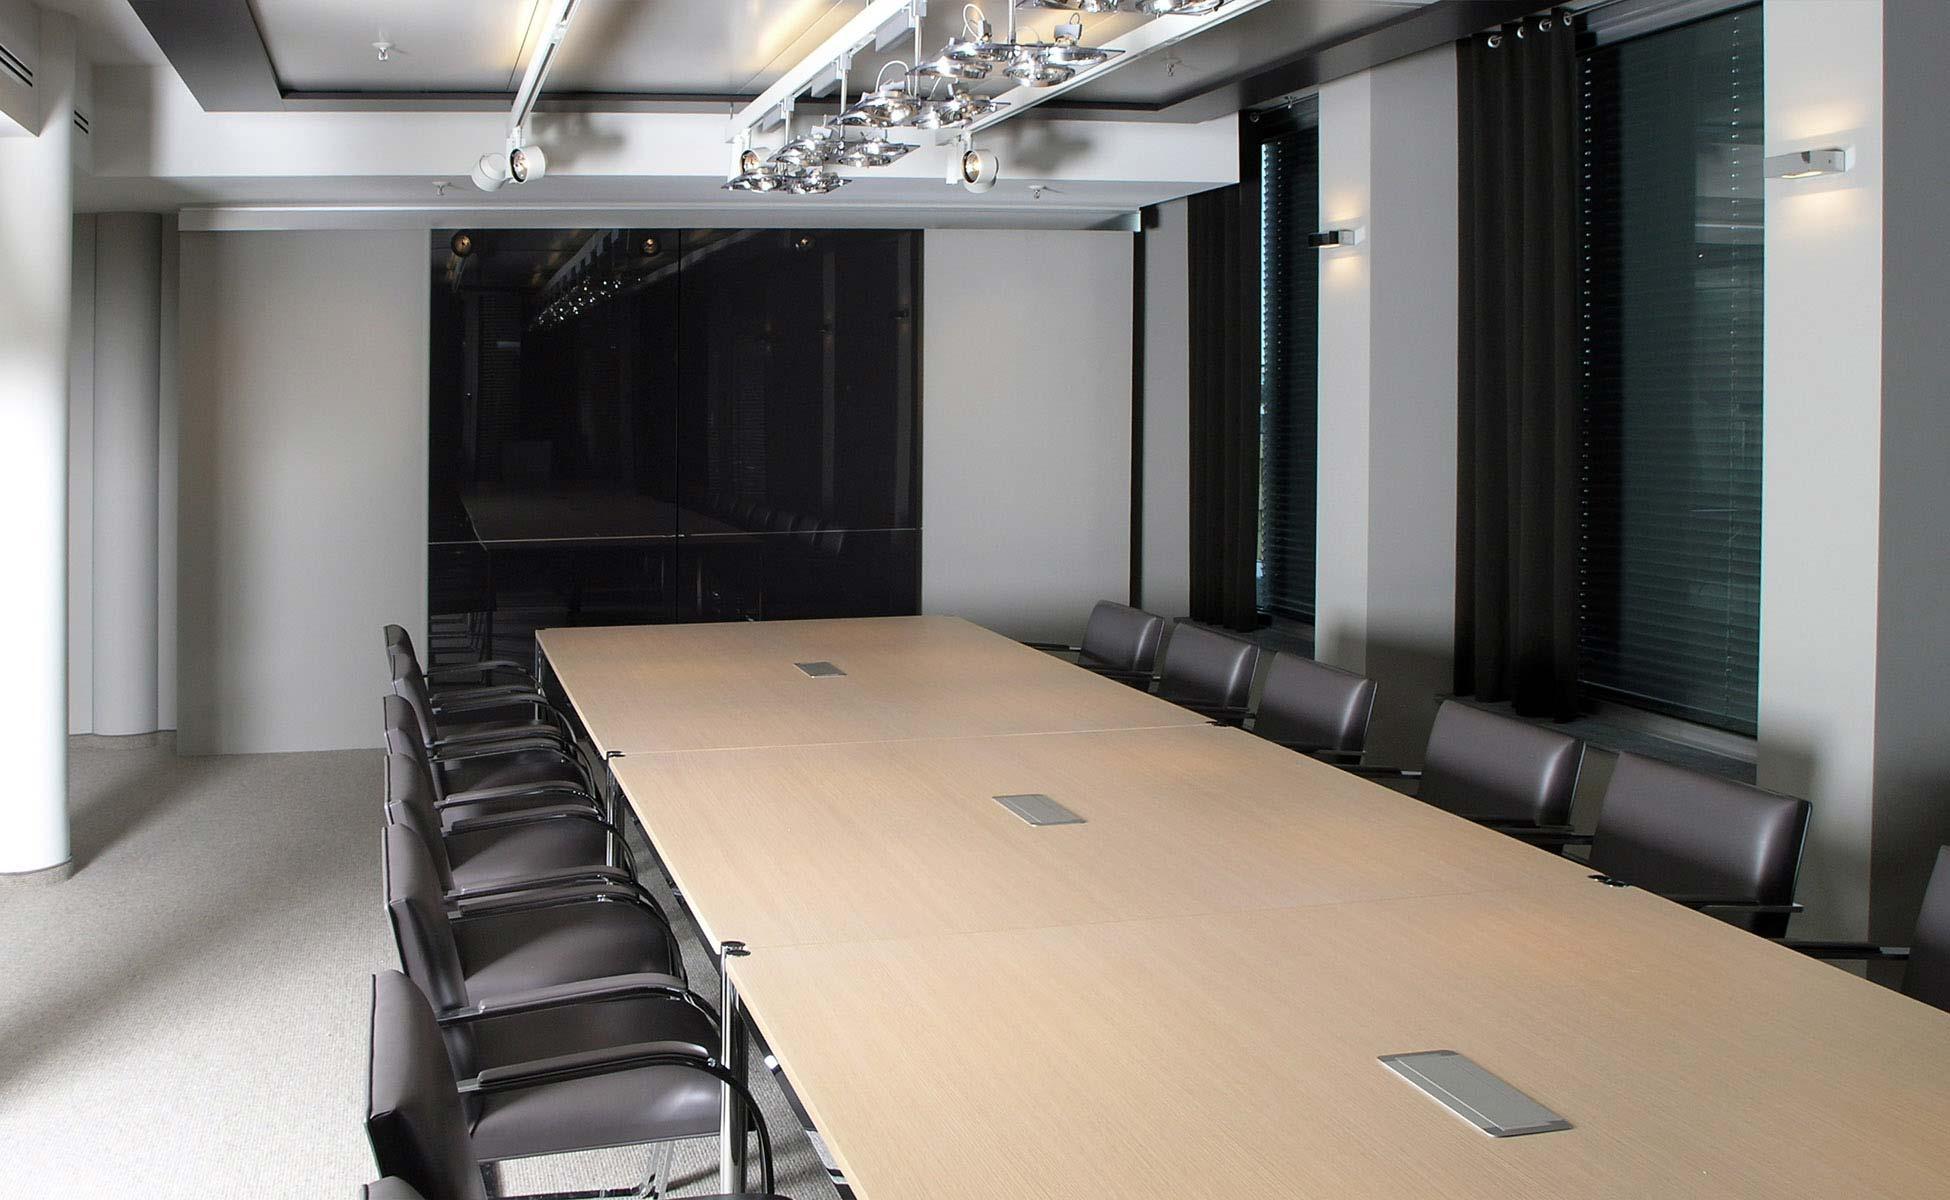 Lounge + Lobby Einrichtung Knoll International + USM Haller Konferenz Tisch von steidten+ Berlin